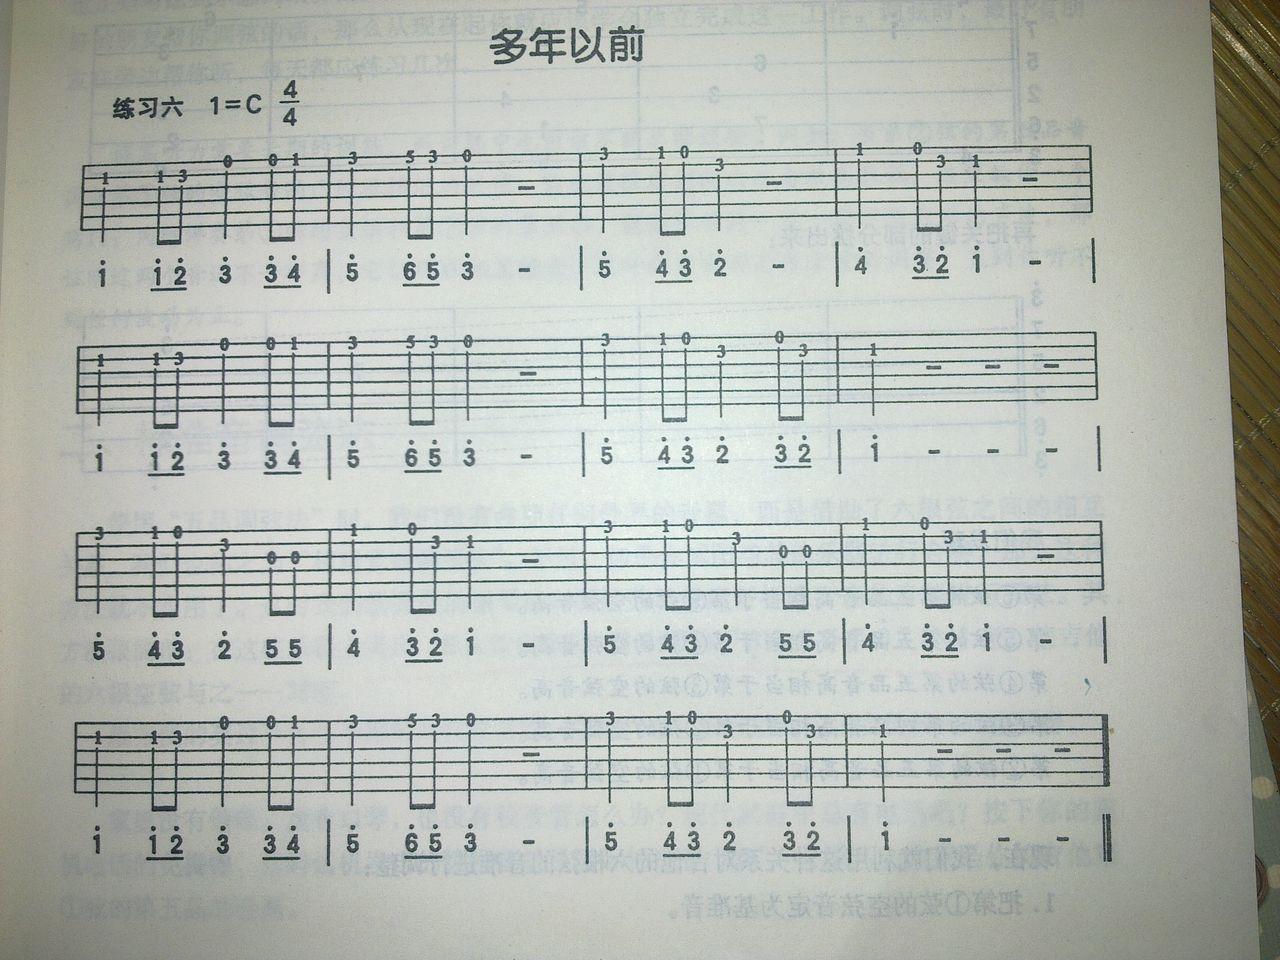 吉他谱入门曲谱图片展示_吉他谱入门曲谱相关图片下载